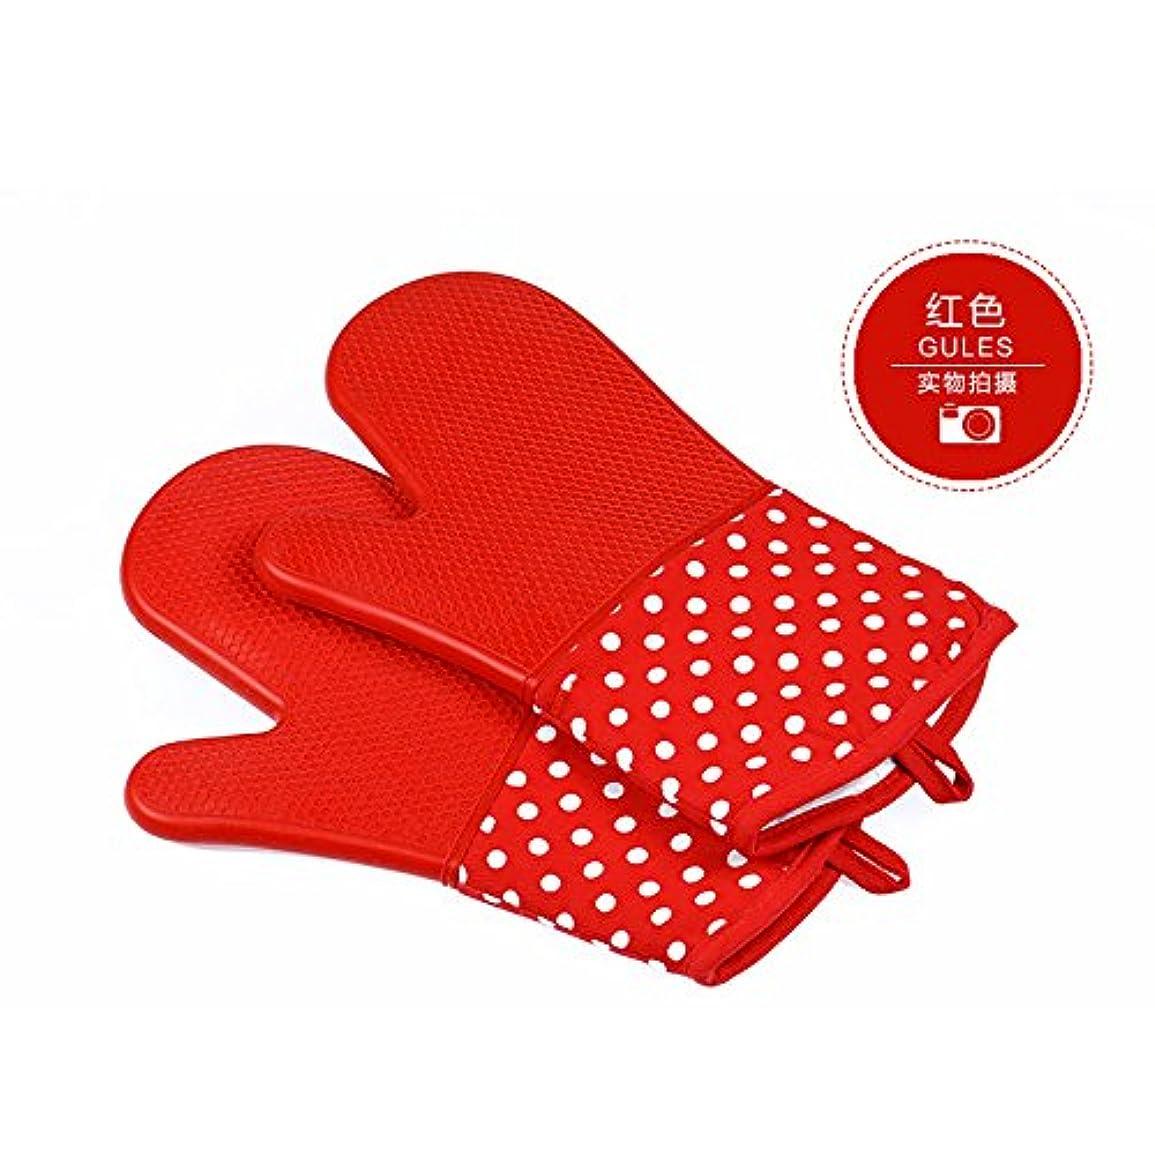 マージン半円重くするJOOP【2個セット】【シリコンベーキング手袋】【バーベキュー手袋】【キッチン電子レンジの手袋】【オーブン断熱手袋】【300の加熱温度極値】【7色】 (レッド)